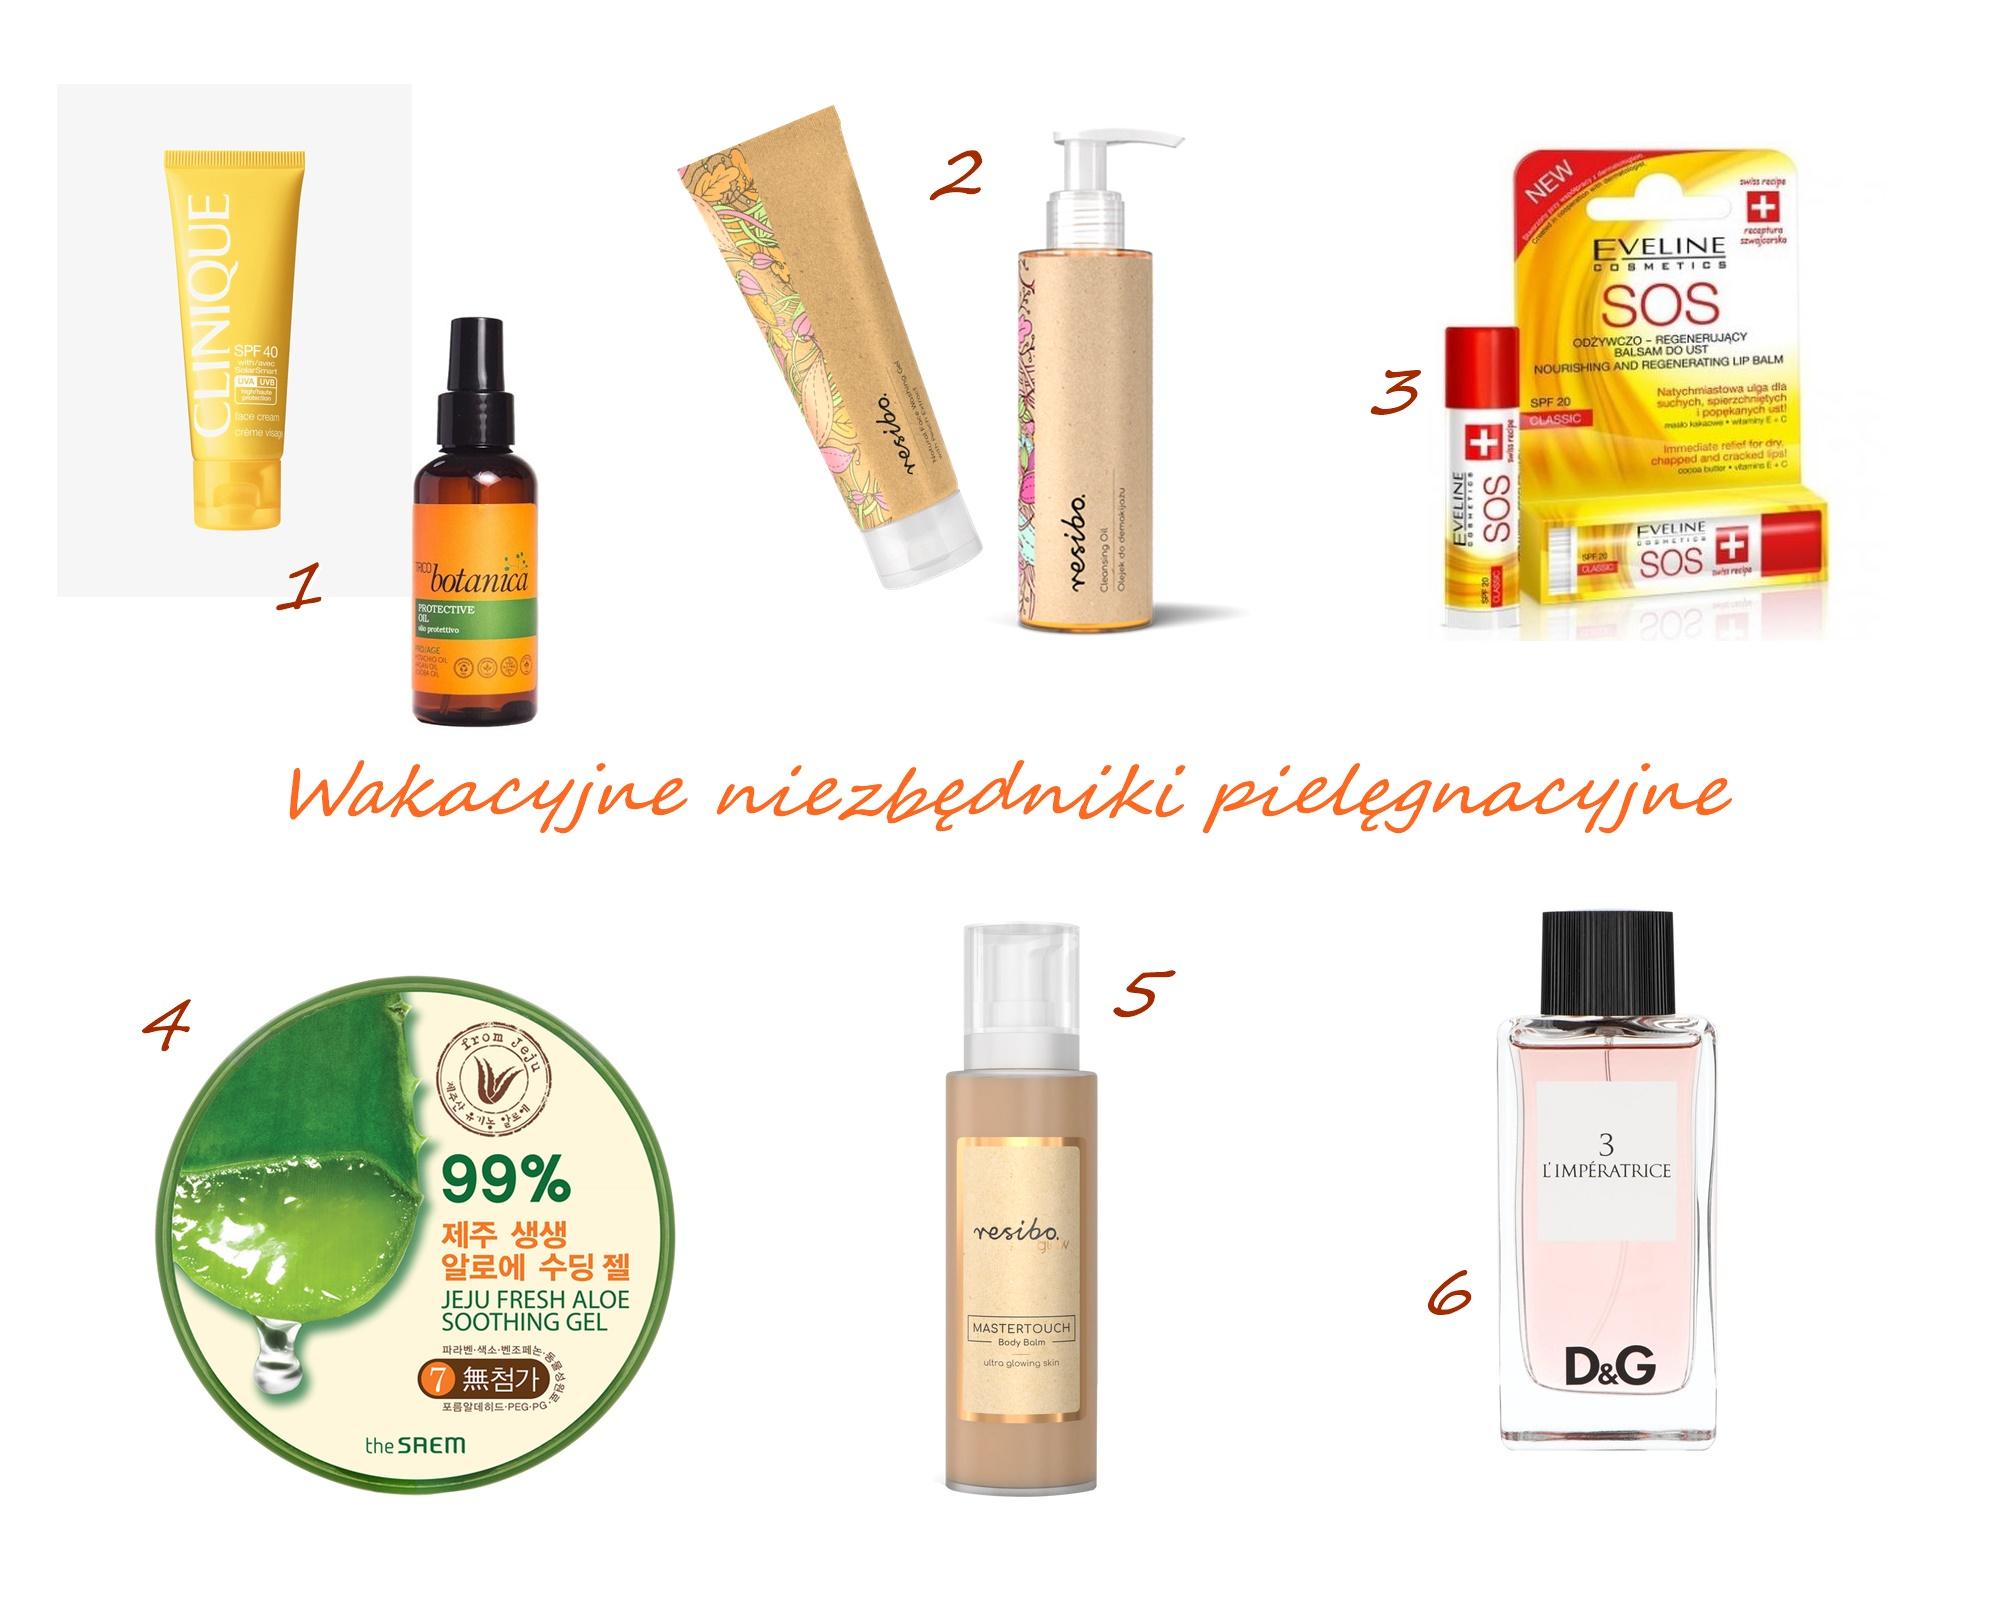 Letni niezbędnik pielęgnacyjny | Kosmetyki, które warto mieć w wakacyjnej kosmetyczce